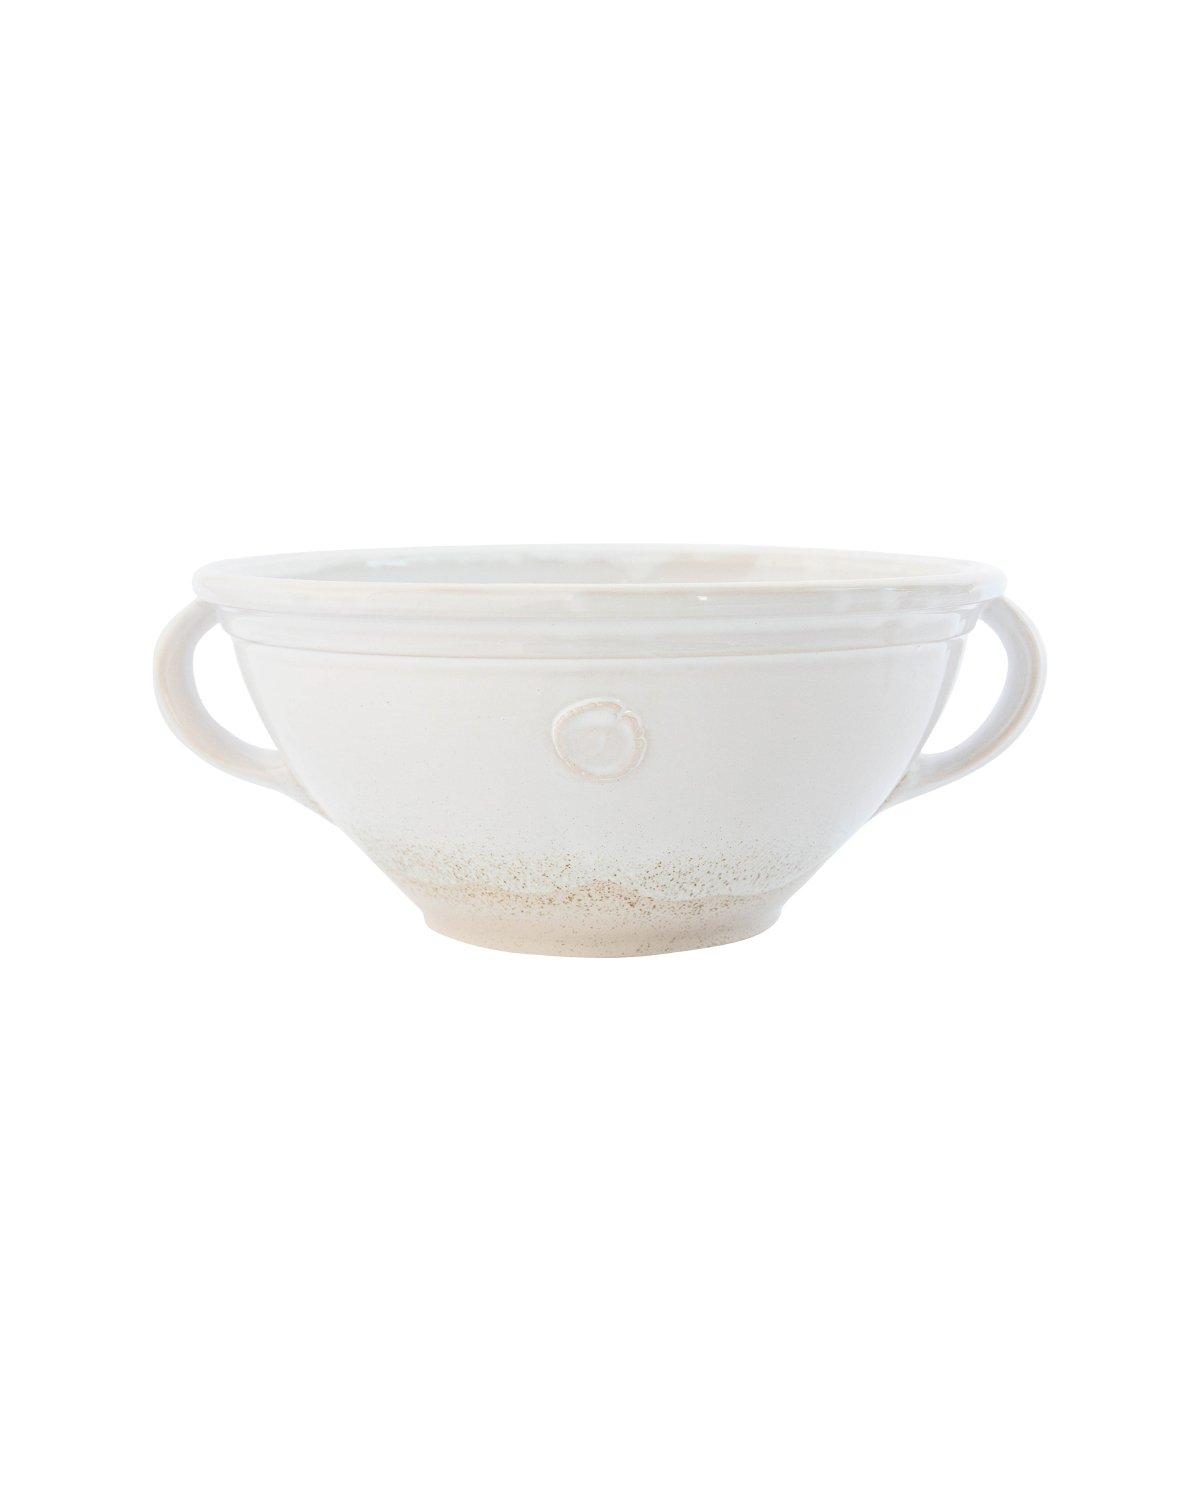 Glazed_Serving_Bowl_2_2b924134-3717-40f3-9535-7f69fb372f90.jpg